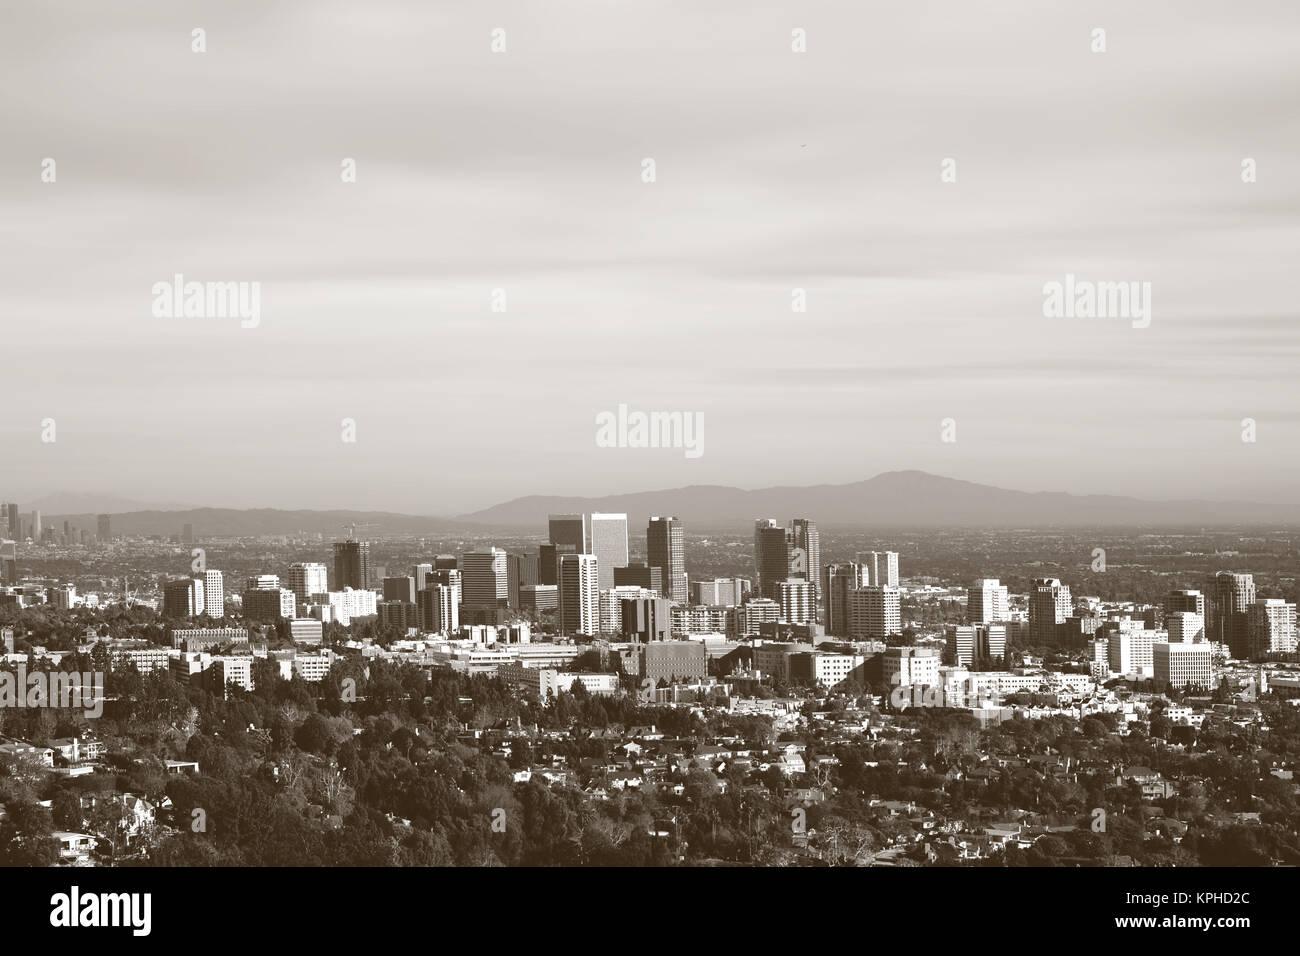 Die Skyline von Los Angeles mit verschiedenen Hochhäusern im Stadtzentrum umgeben von Parkanlagen und Infrastruktur. - Stock Image